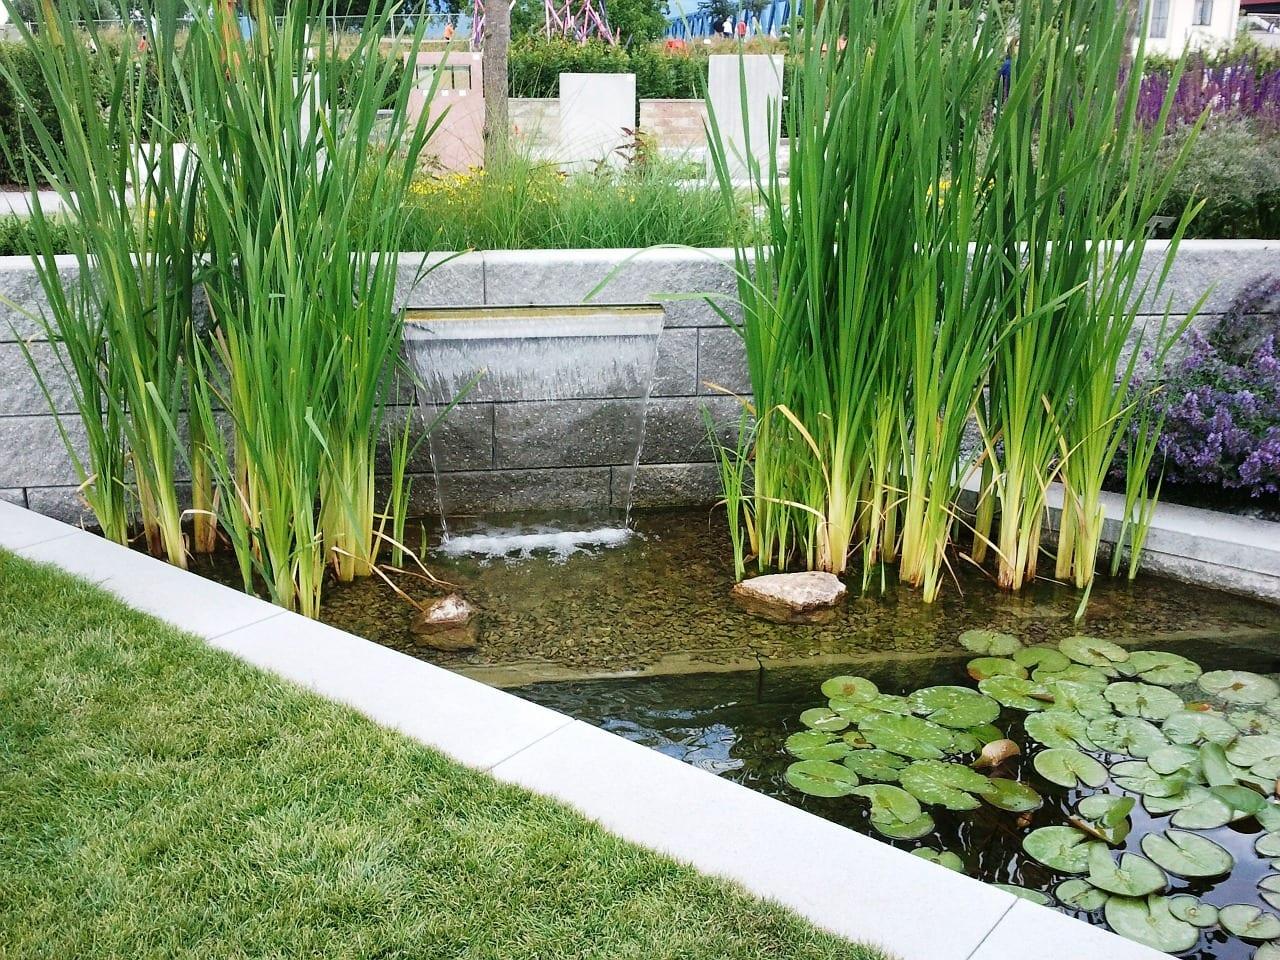 Fuentes de jardin de pared fuente piedra pared ceramica butterfly x x cm fabricada en with - Fuentes jardin pared ...